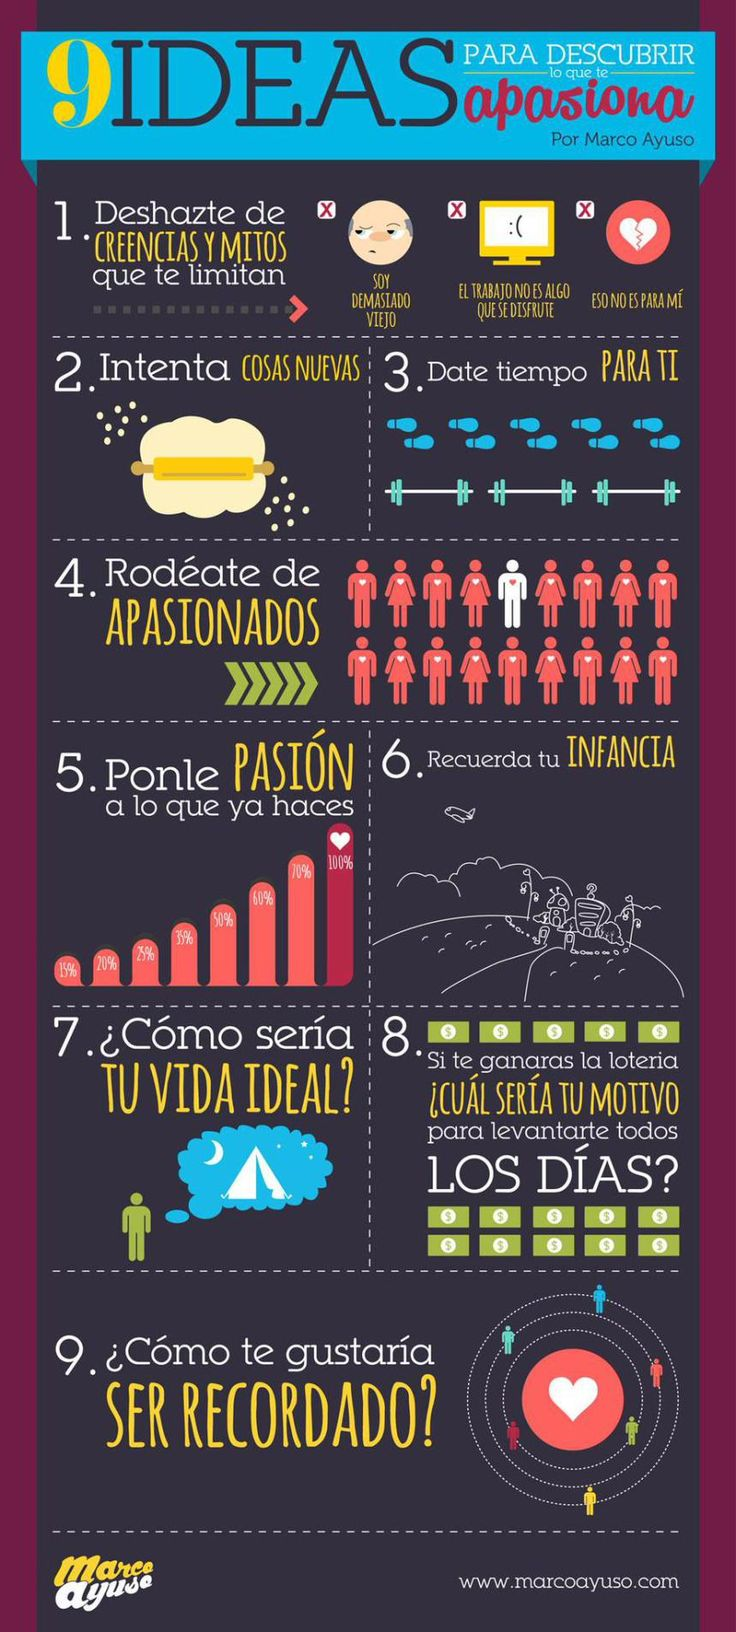 9IdeasParaDescubrirTuPasion-Infografía-BlogGesvin